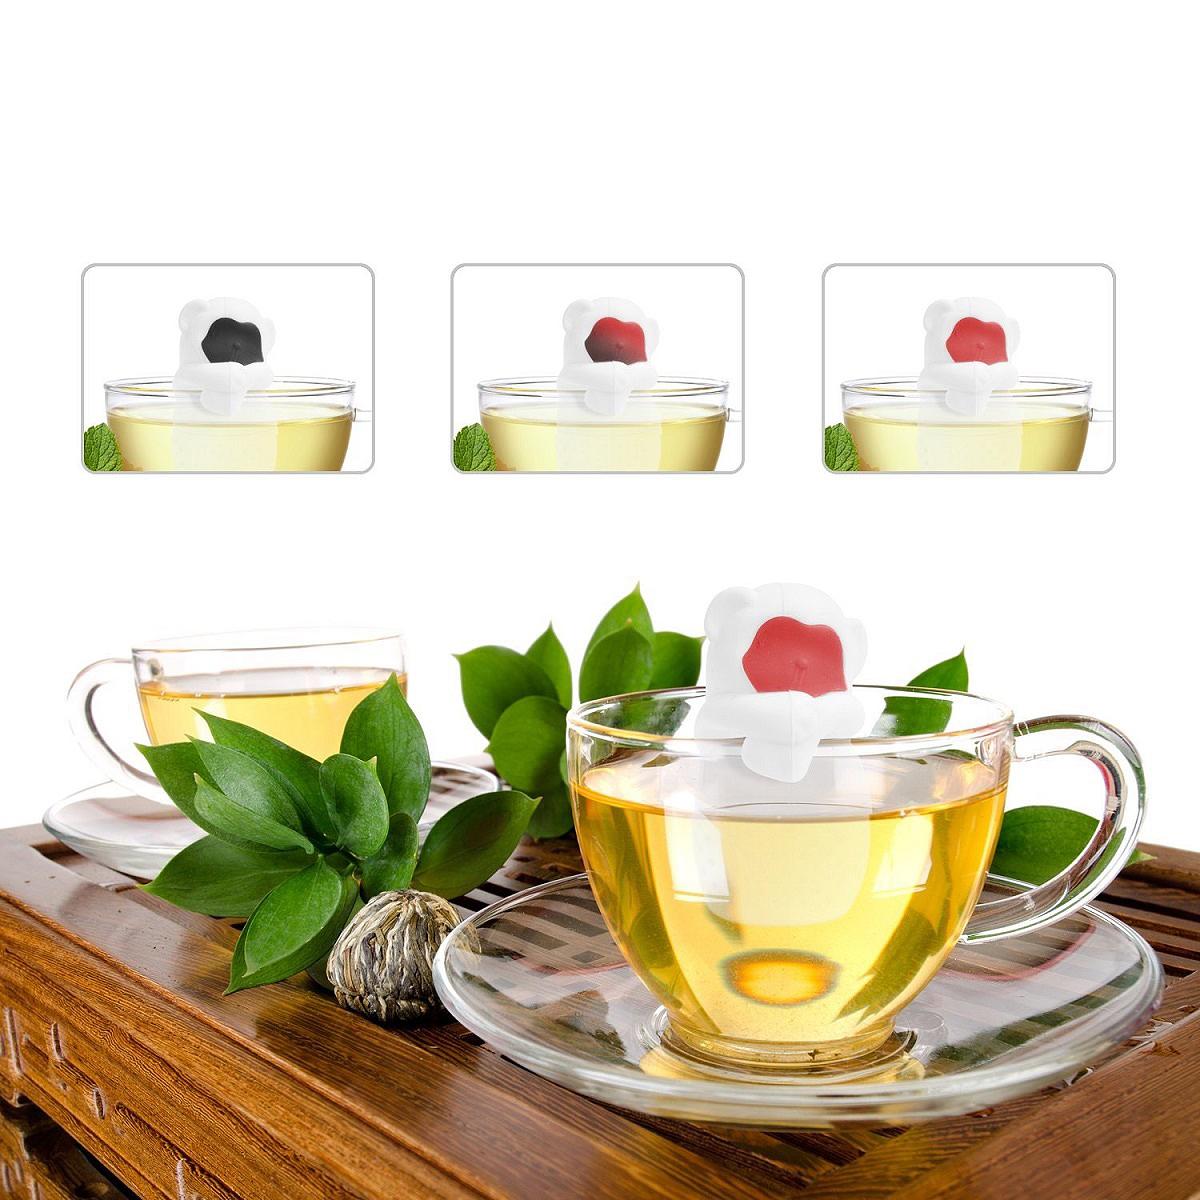 Ситечко для чая FidgetGo Обезьянка, с подставкой, цвет: белый, черный, 2 предмета2212345678103Это именно то, что нужно для холодных дней - заварник для чая в видеочаровательной обезьянки. Просто засыпьте чай внутрь, налейте кипяток в чашкуи опустите заварник и через пару минут у вас будет готов не только ароматный ивкусный чай, но еще вы приятно удивитесь: мордочка у обезьяны меняет цвет вгорячей воде. Теперь вам не нужны большие заварочные чайники. Милаяобезьянка подарит вам чудесное настроение в любую погоду и пускай весь мирподождет.